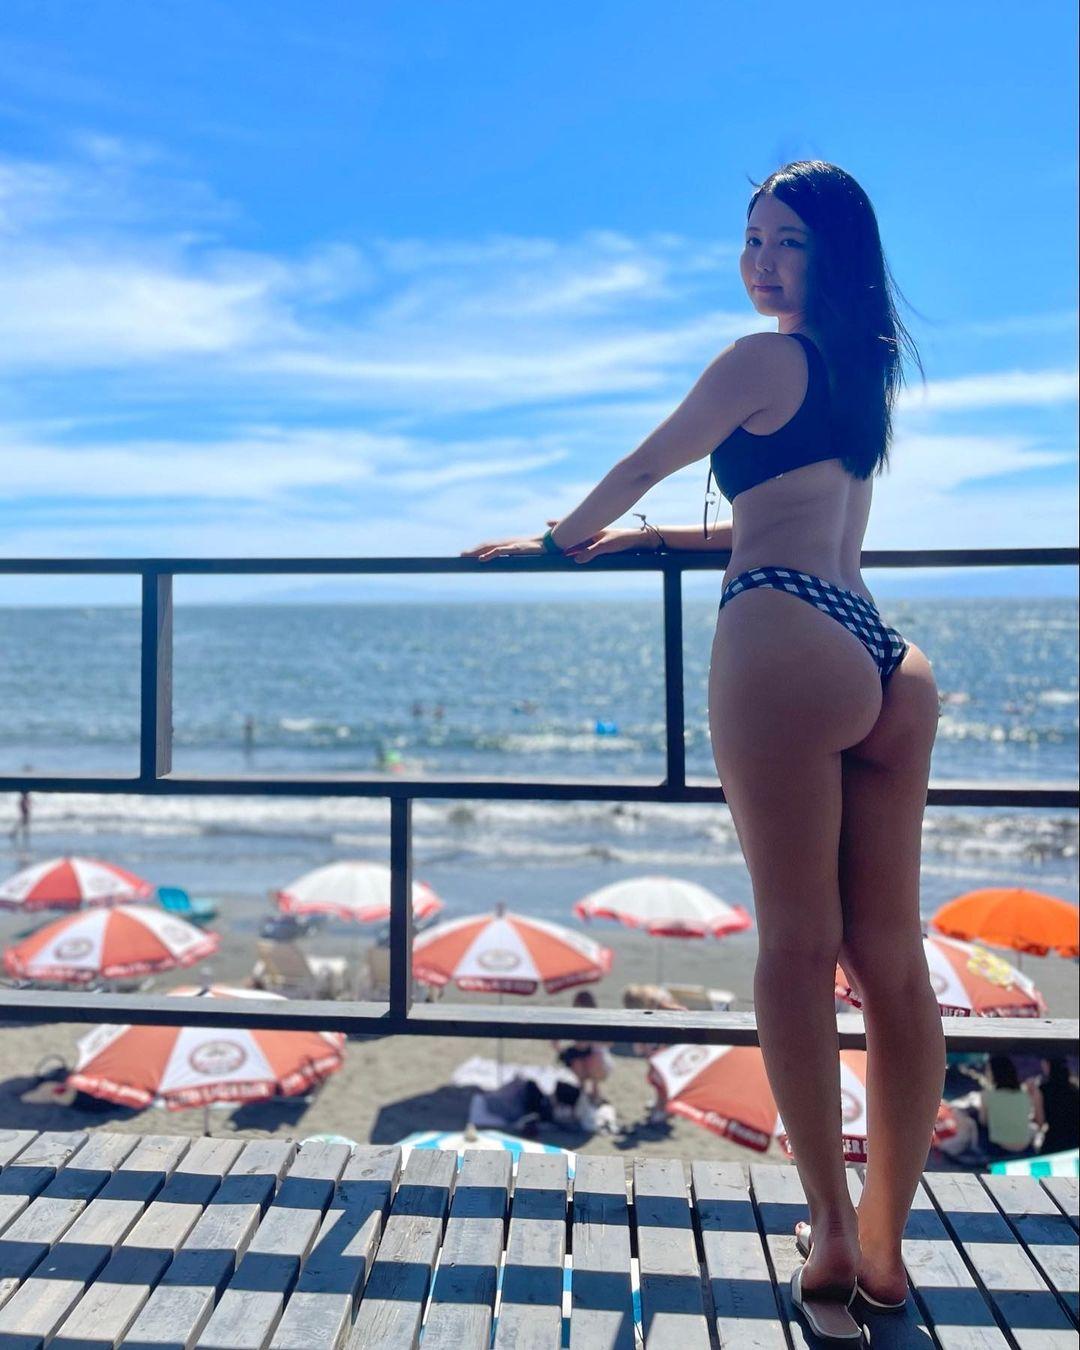 「海と桃」「夏の暑さも吹っ飛びます」ビーチでの振り向き美尻ショットを公開【九条ねぎさん/2021年8月6日】